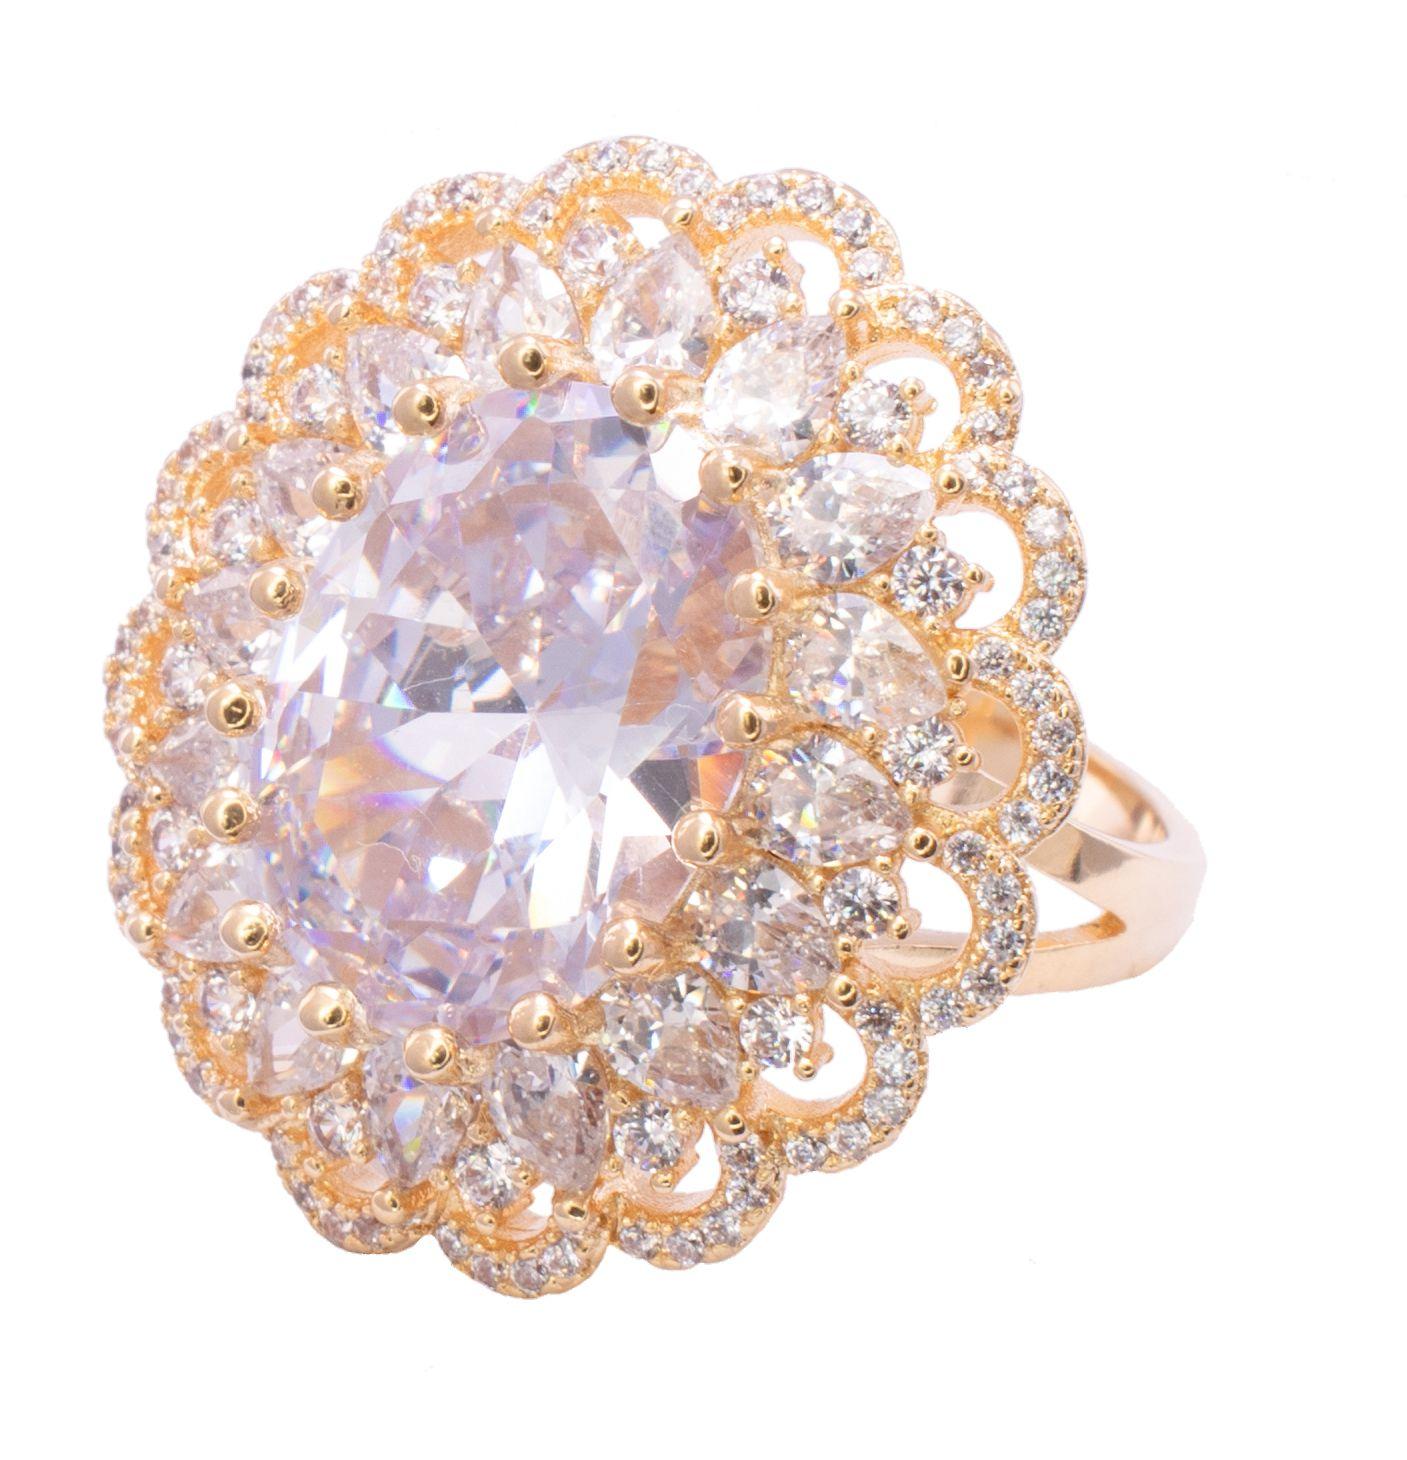 Anel com Cristal Incolor e Pedras em Navete com Zircônias Folheado em Ouro 18k - Giro Semijoias